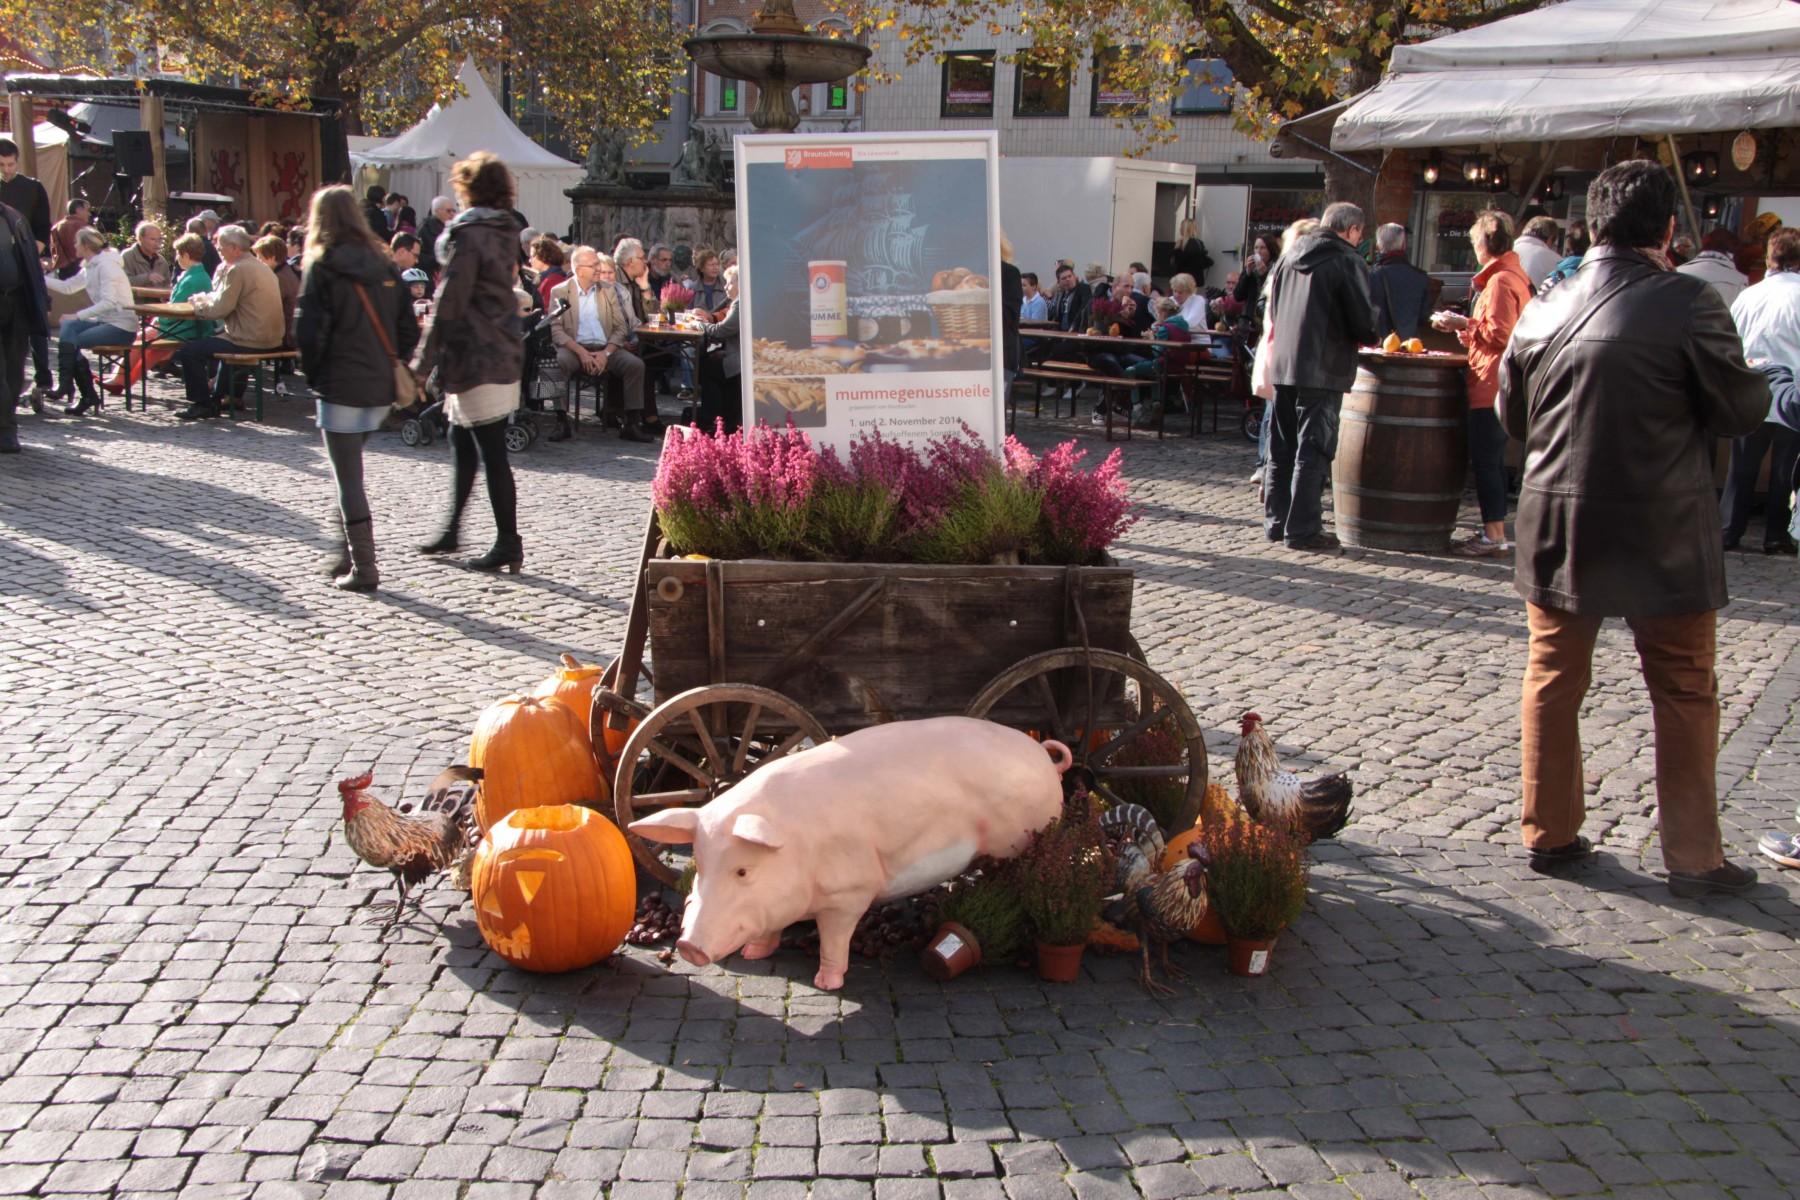 Mummemeilenschwein